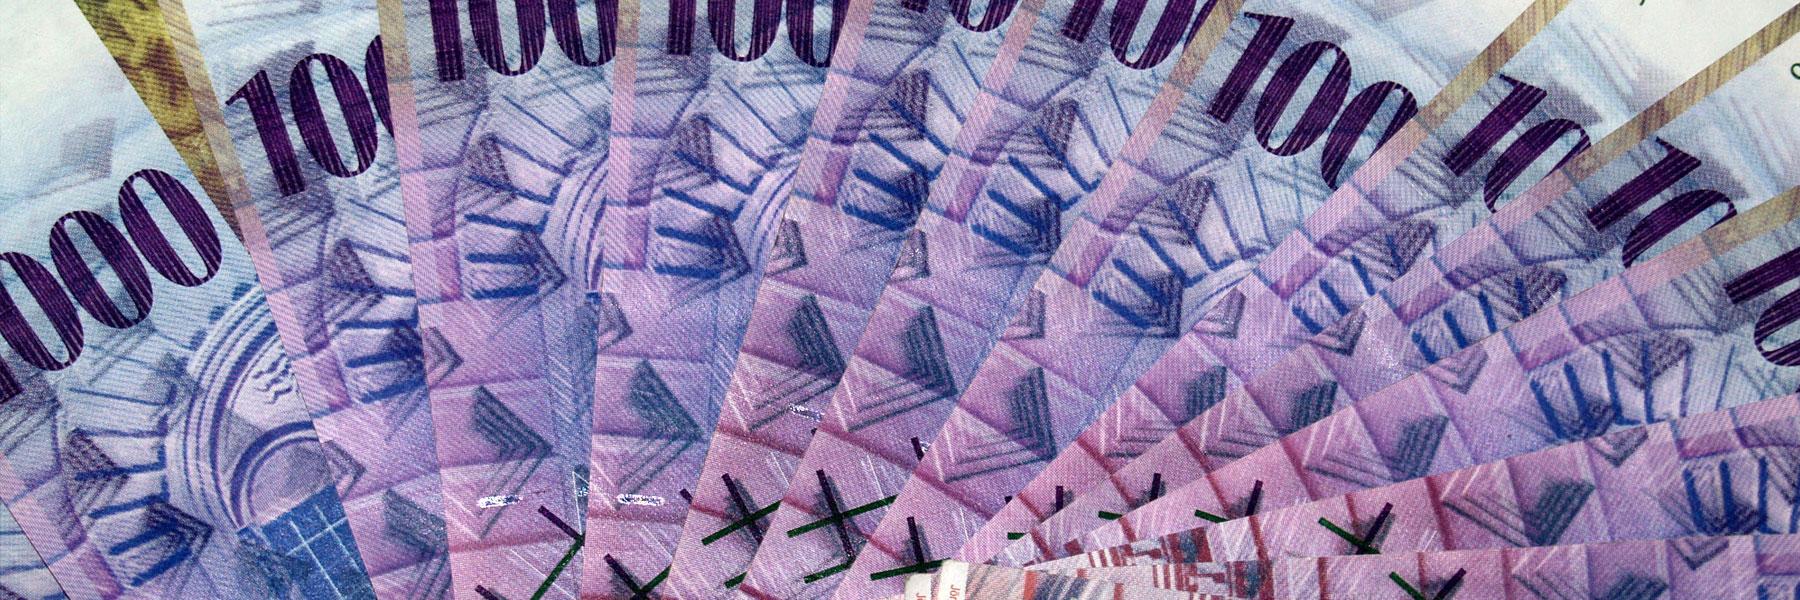 Des finances plus saines pour Belmont – Liasse de billets de banque suisses